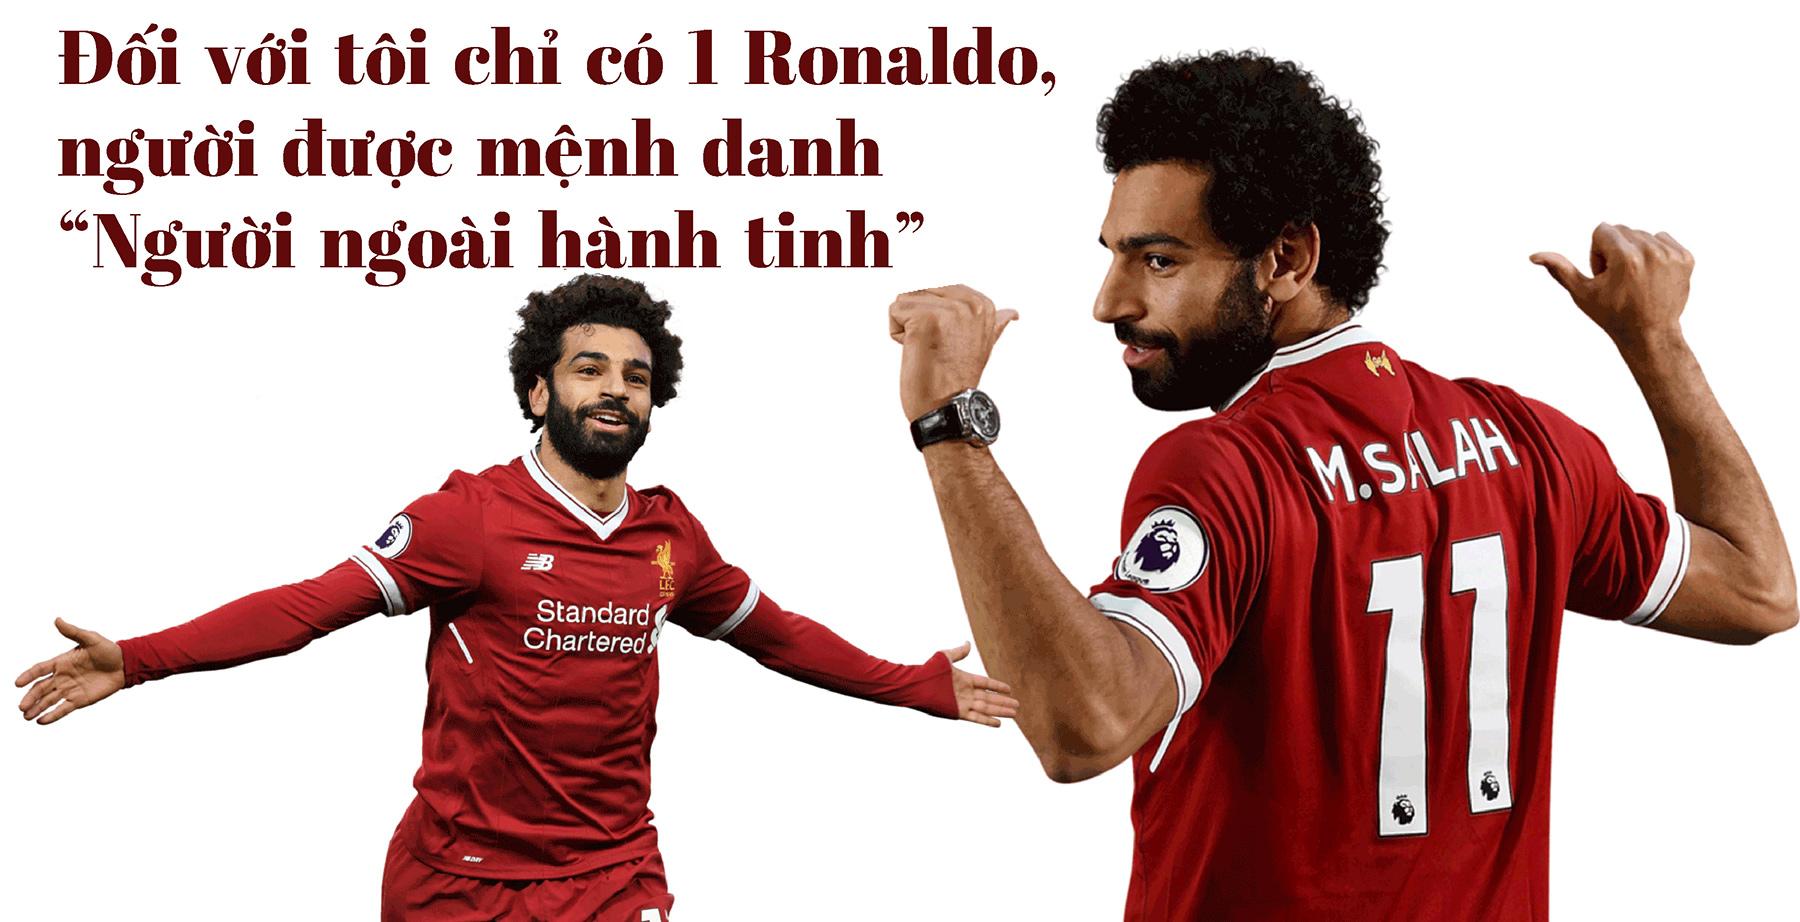 Chung kết cúp C1: Salah và giấc mơ vĩ đại như Ronaldo, tham vọng minh chủ châu Âu - 4